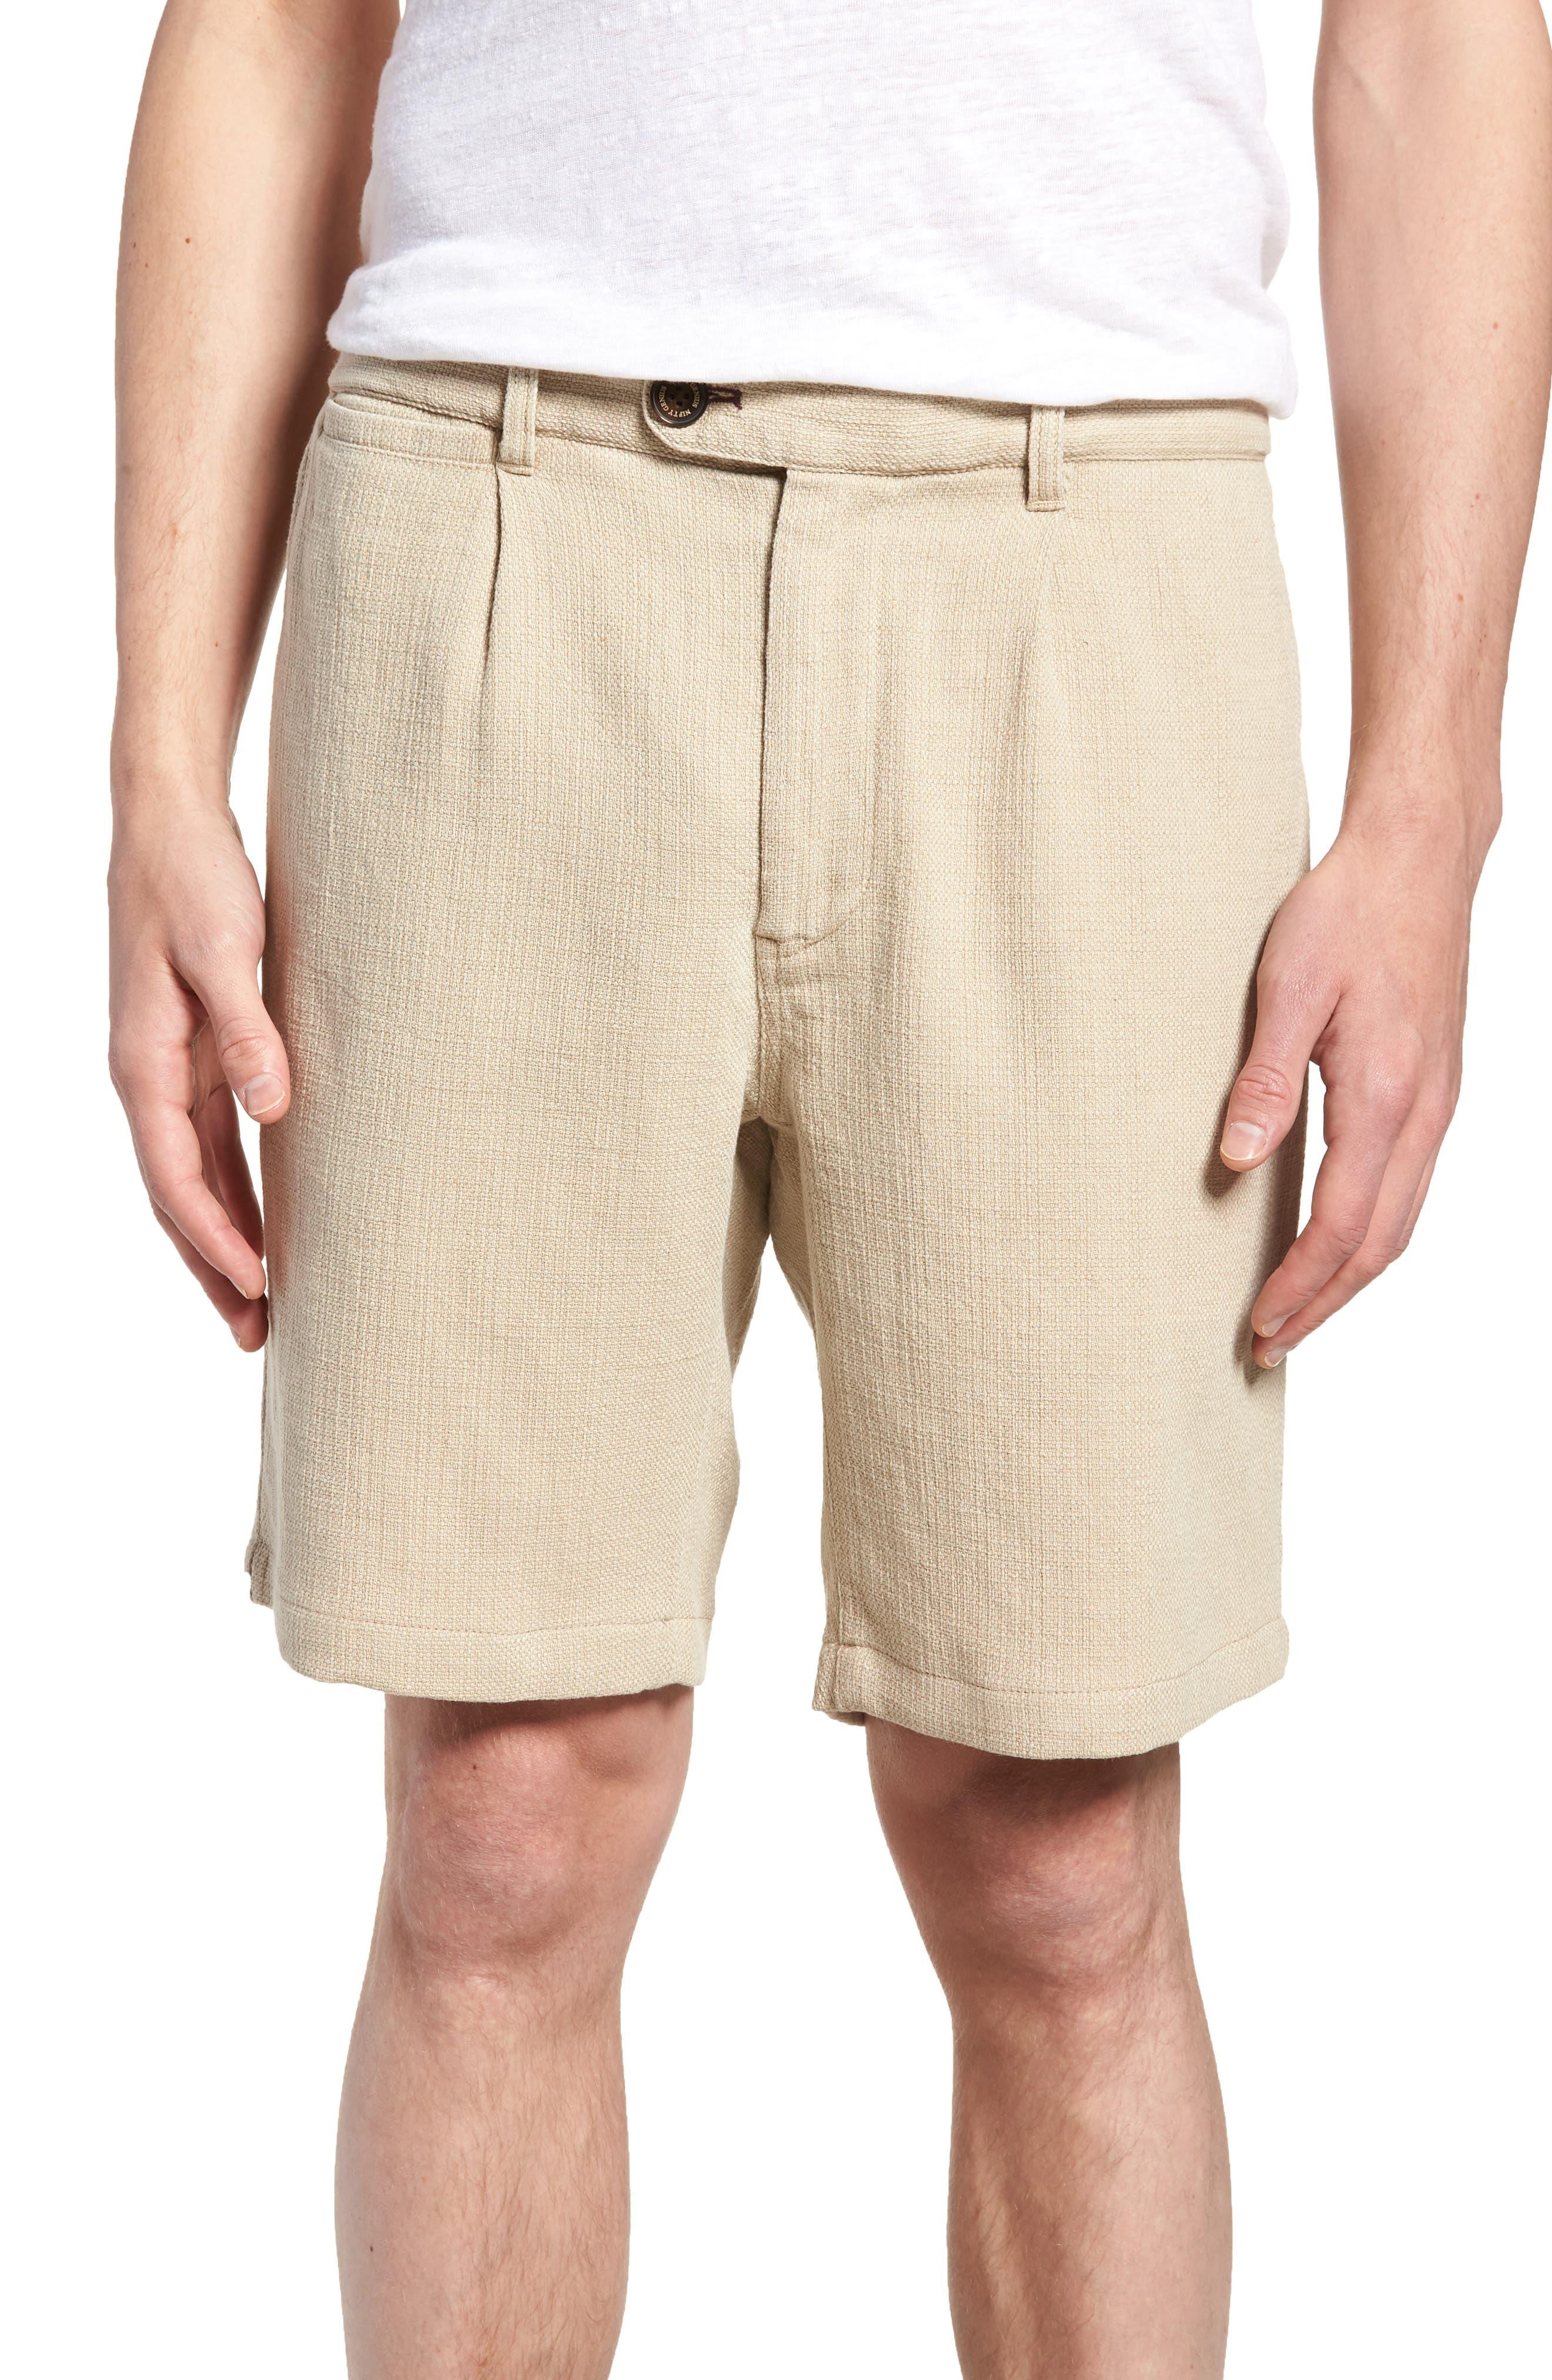 Thomas Regular Fit Pleated Shorts,                             Main thumbnail 1, color,                             Tan